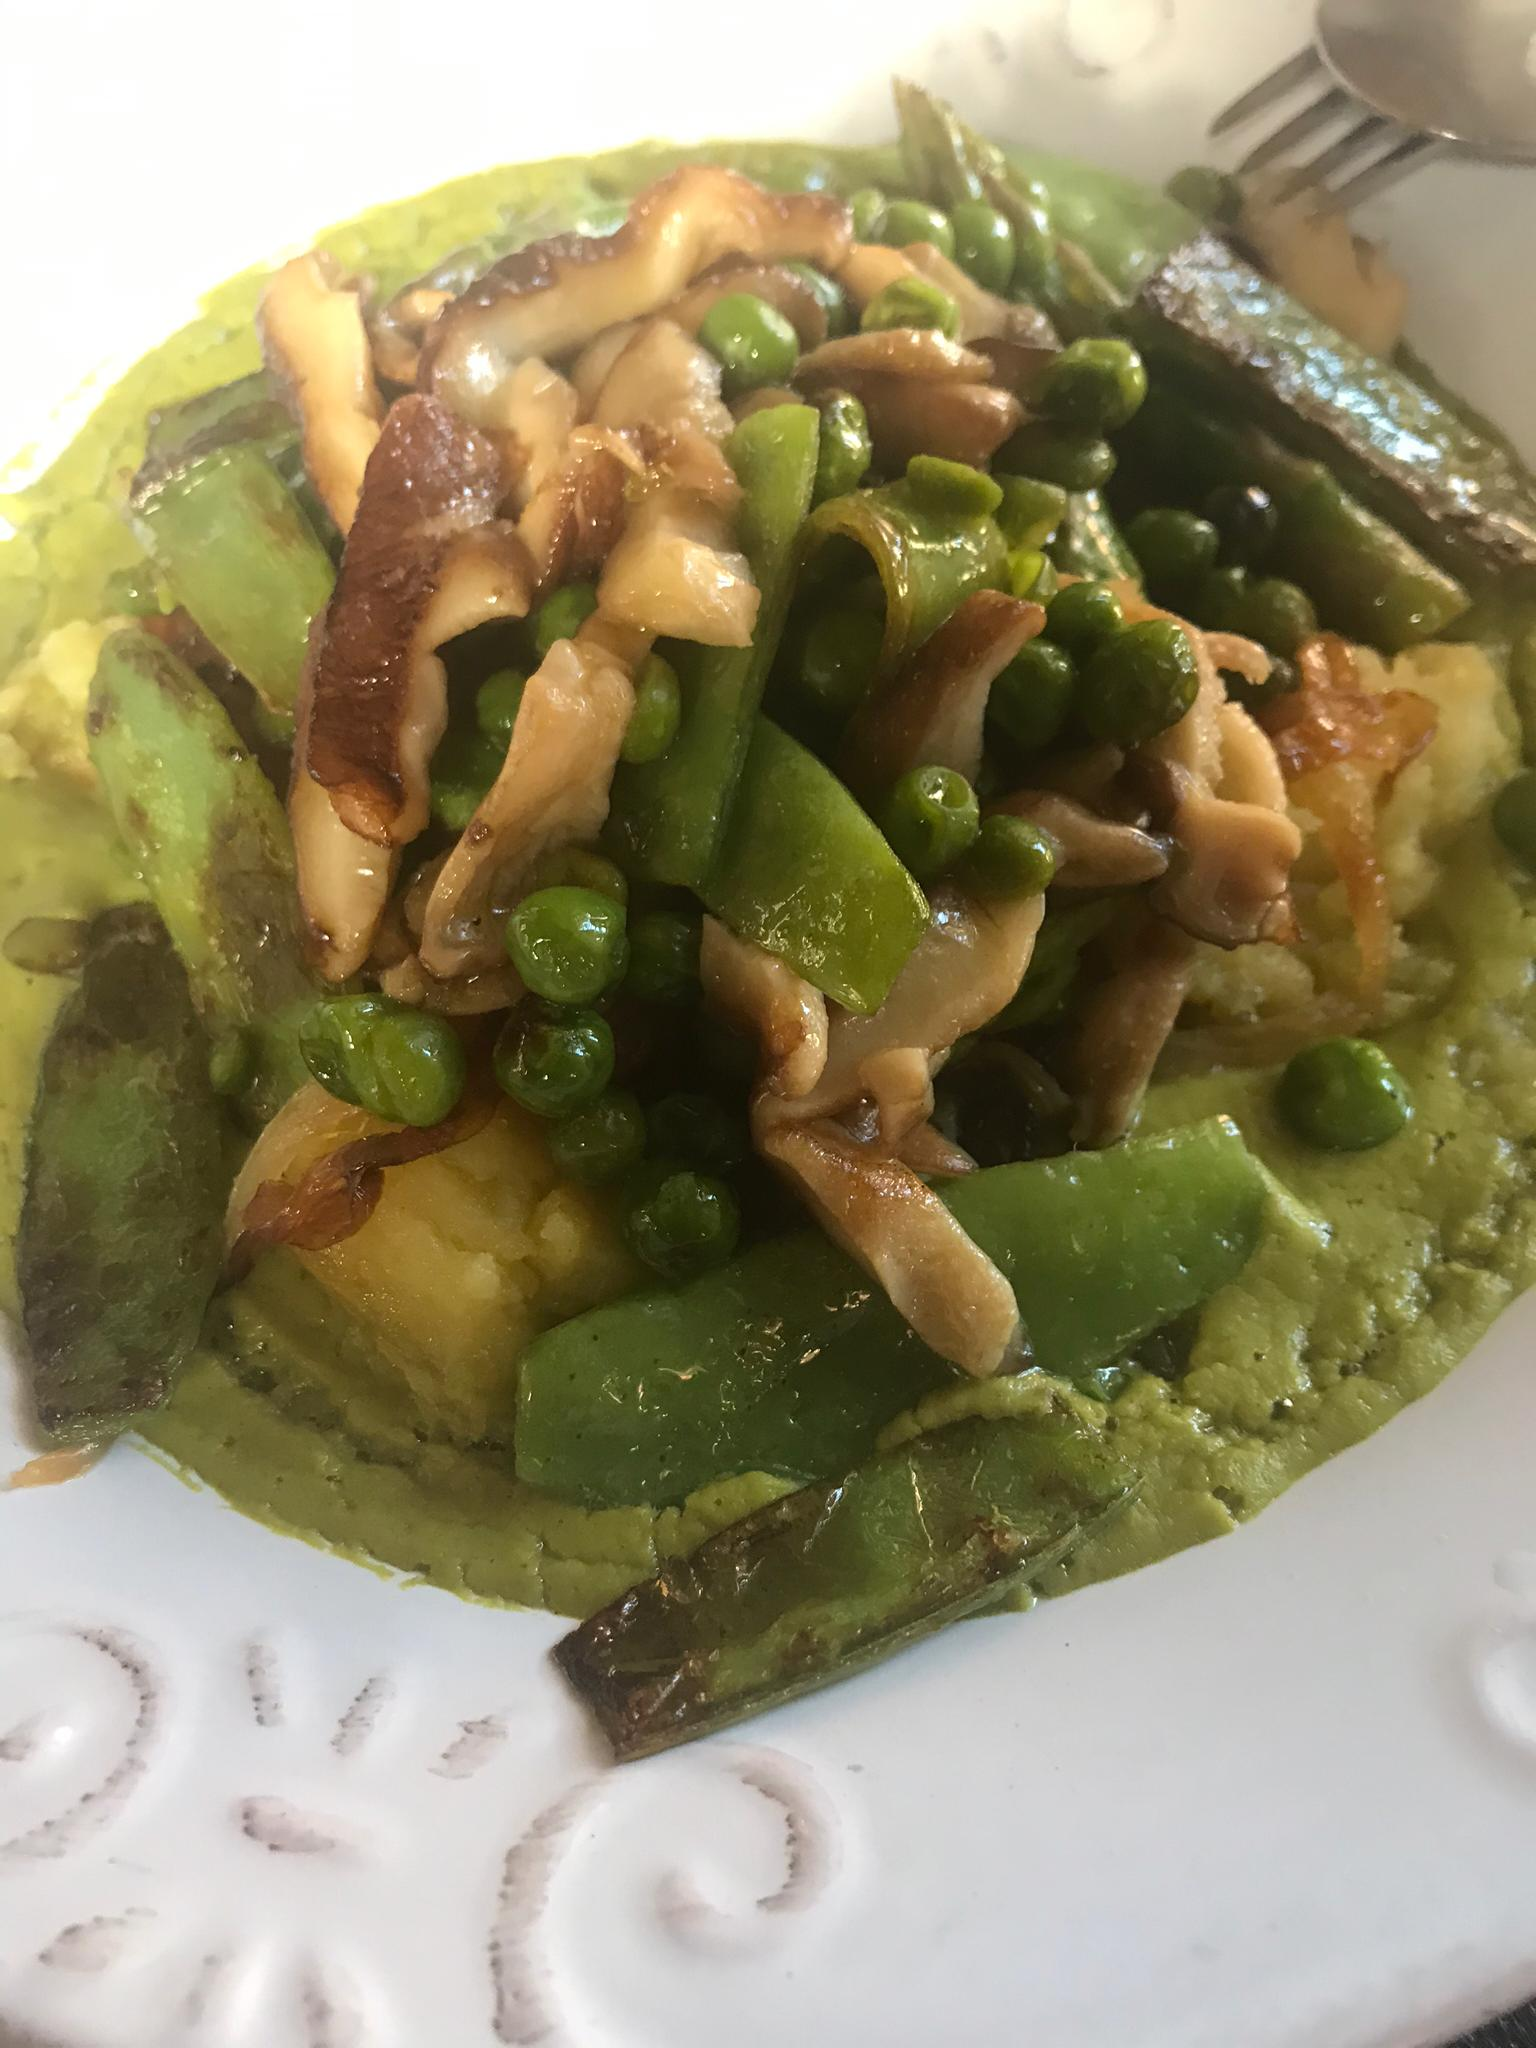 Reseñas gastronómicas: Restaurante La Central 4